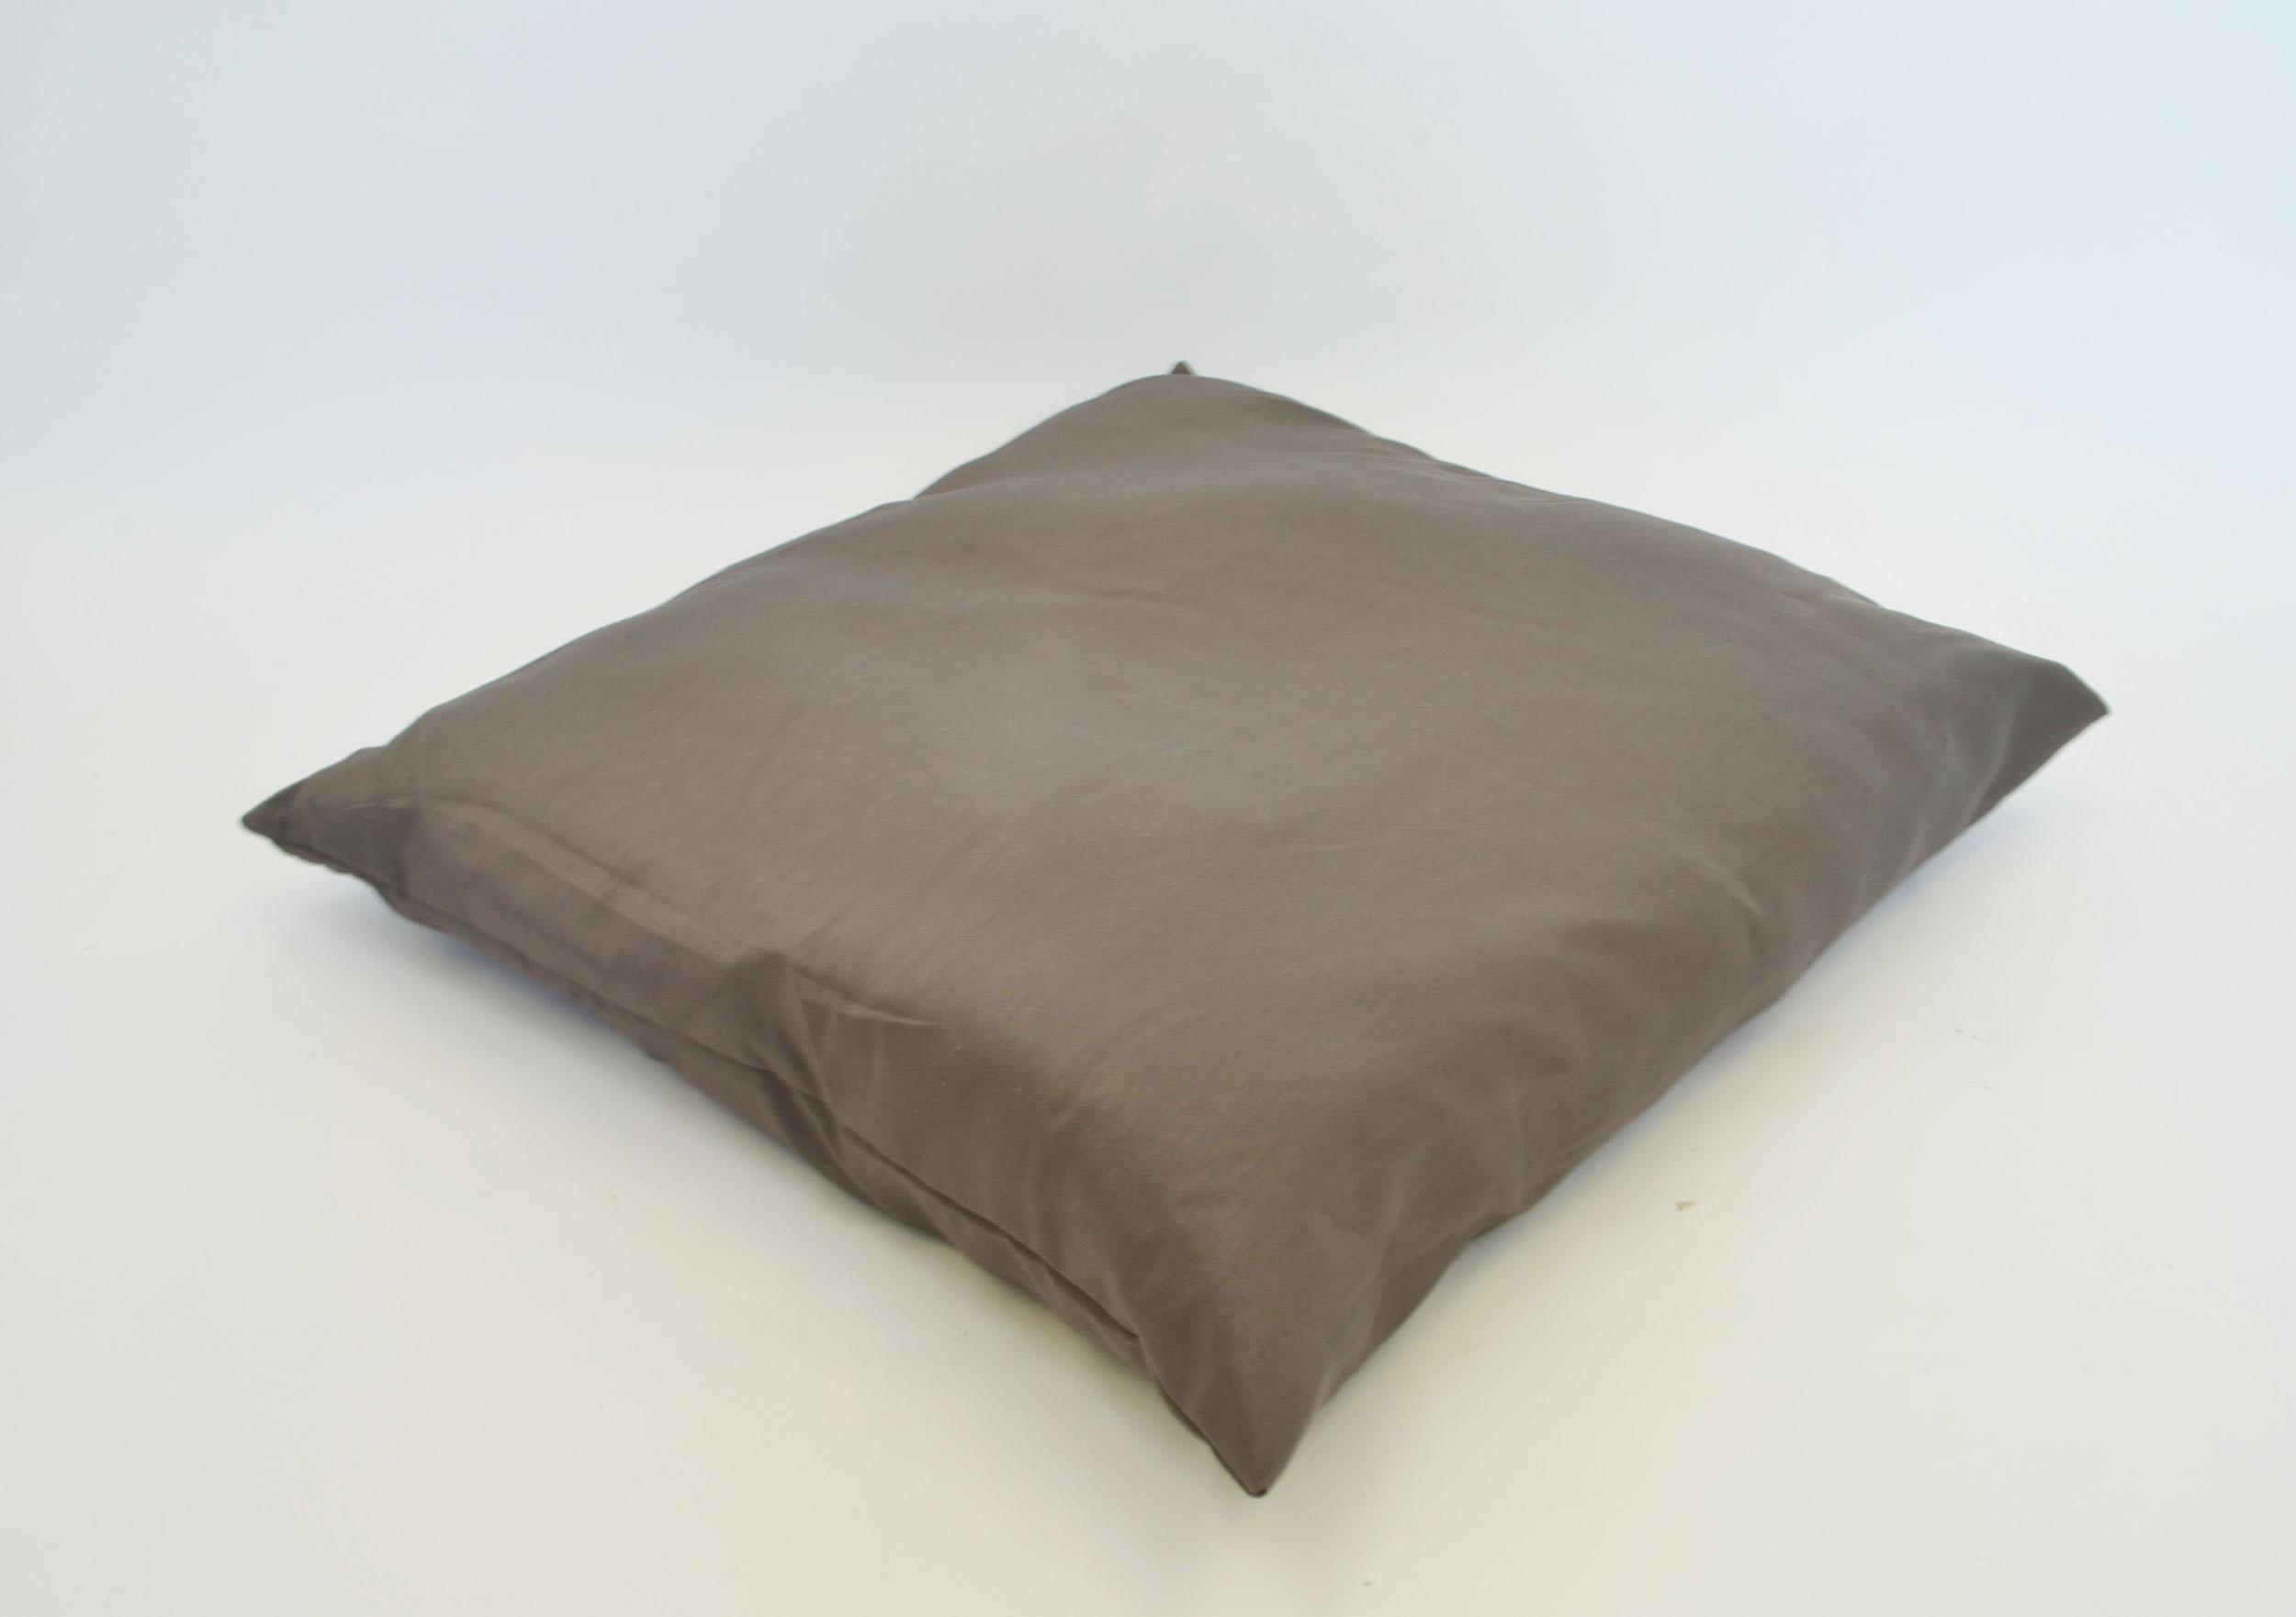 grey pillow   Quantity: 2  Price: $10.00